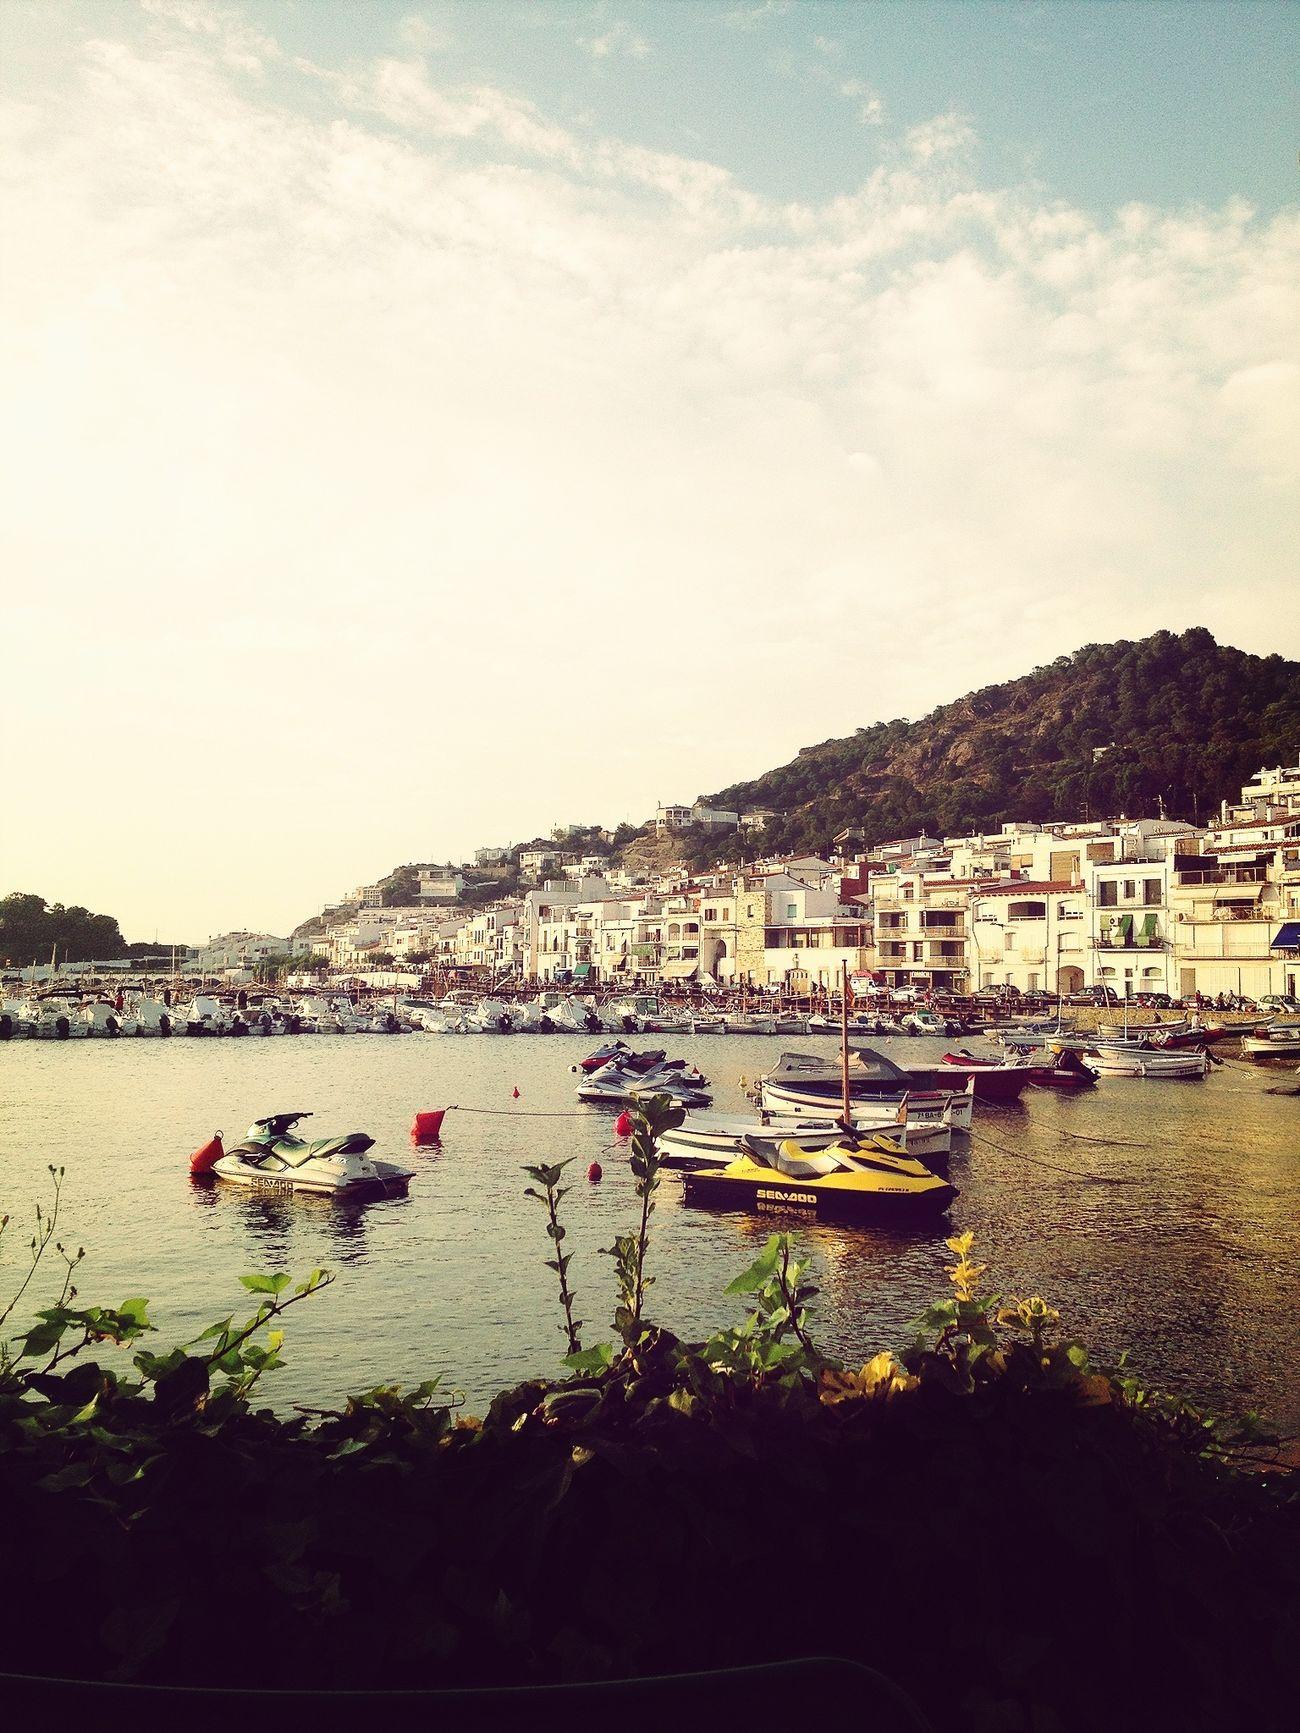 El Port De La Selva Costa Brava Mediterràniament Summertime